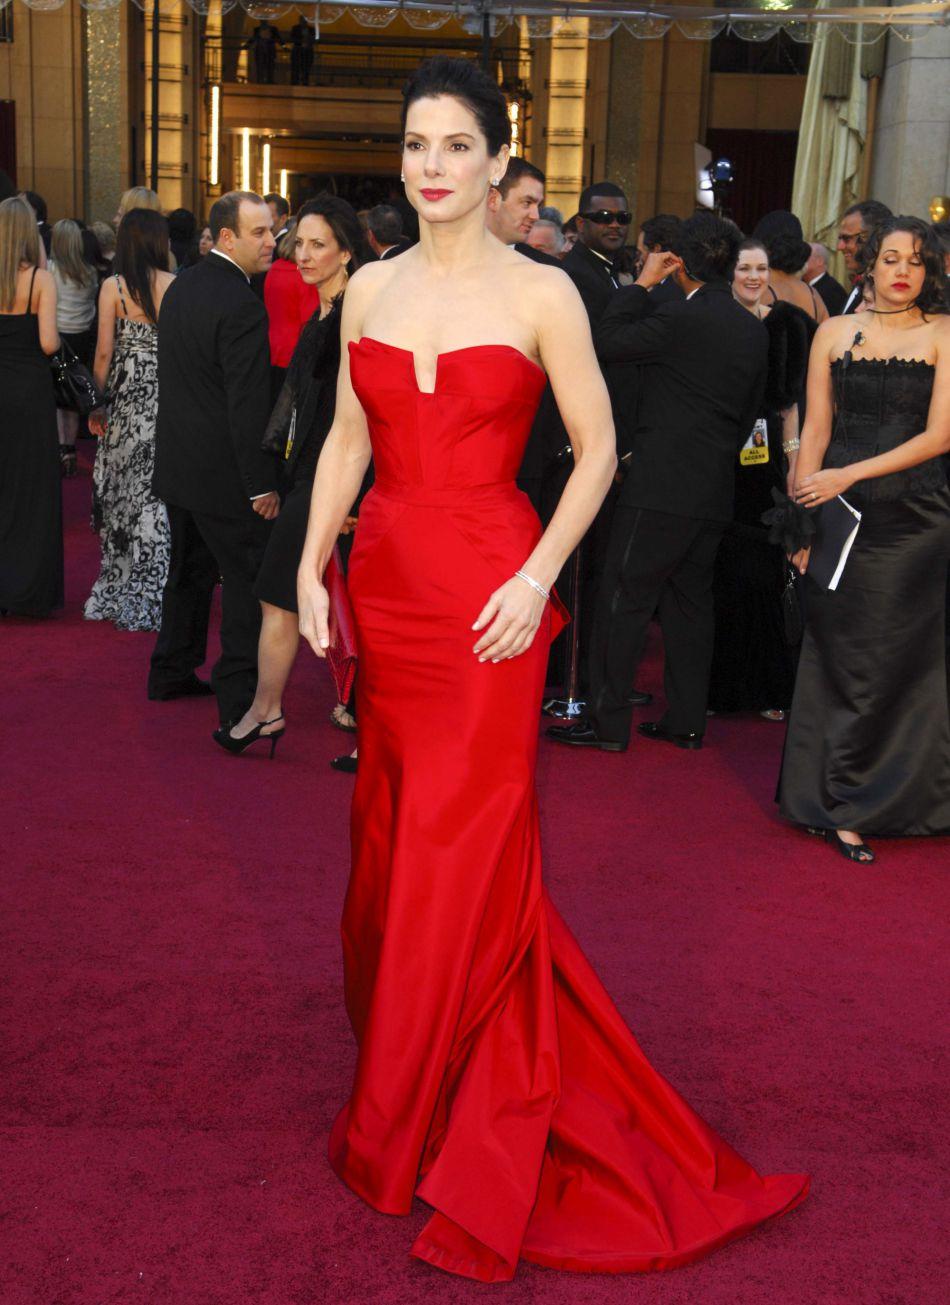 Février 2011 : Sandra Bullock se rend à la cérémonie des Oscars dans une robe rouge Vera Wang. On s'en souvient encore !